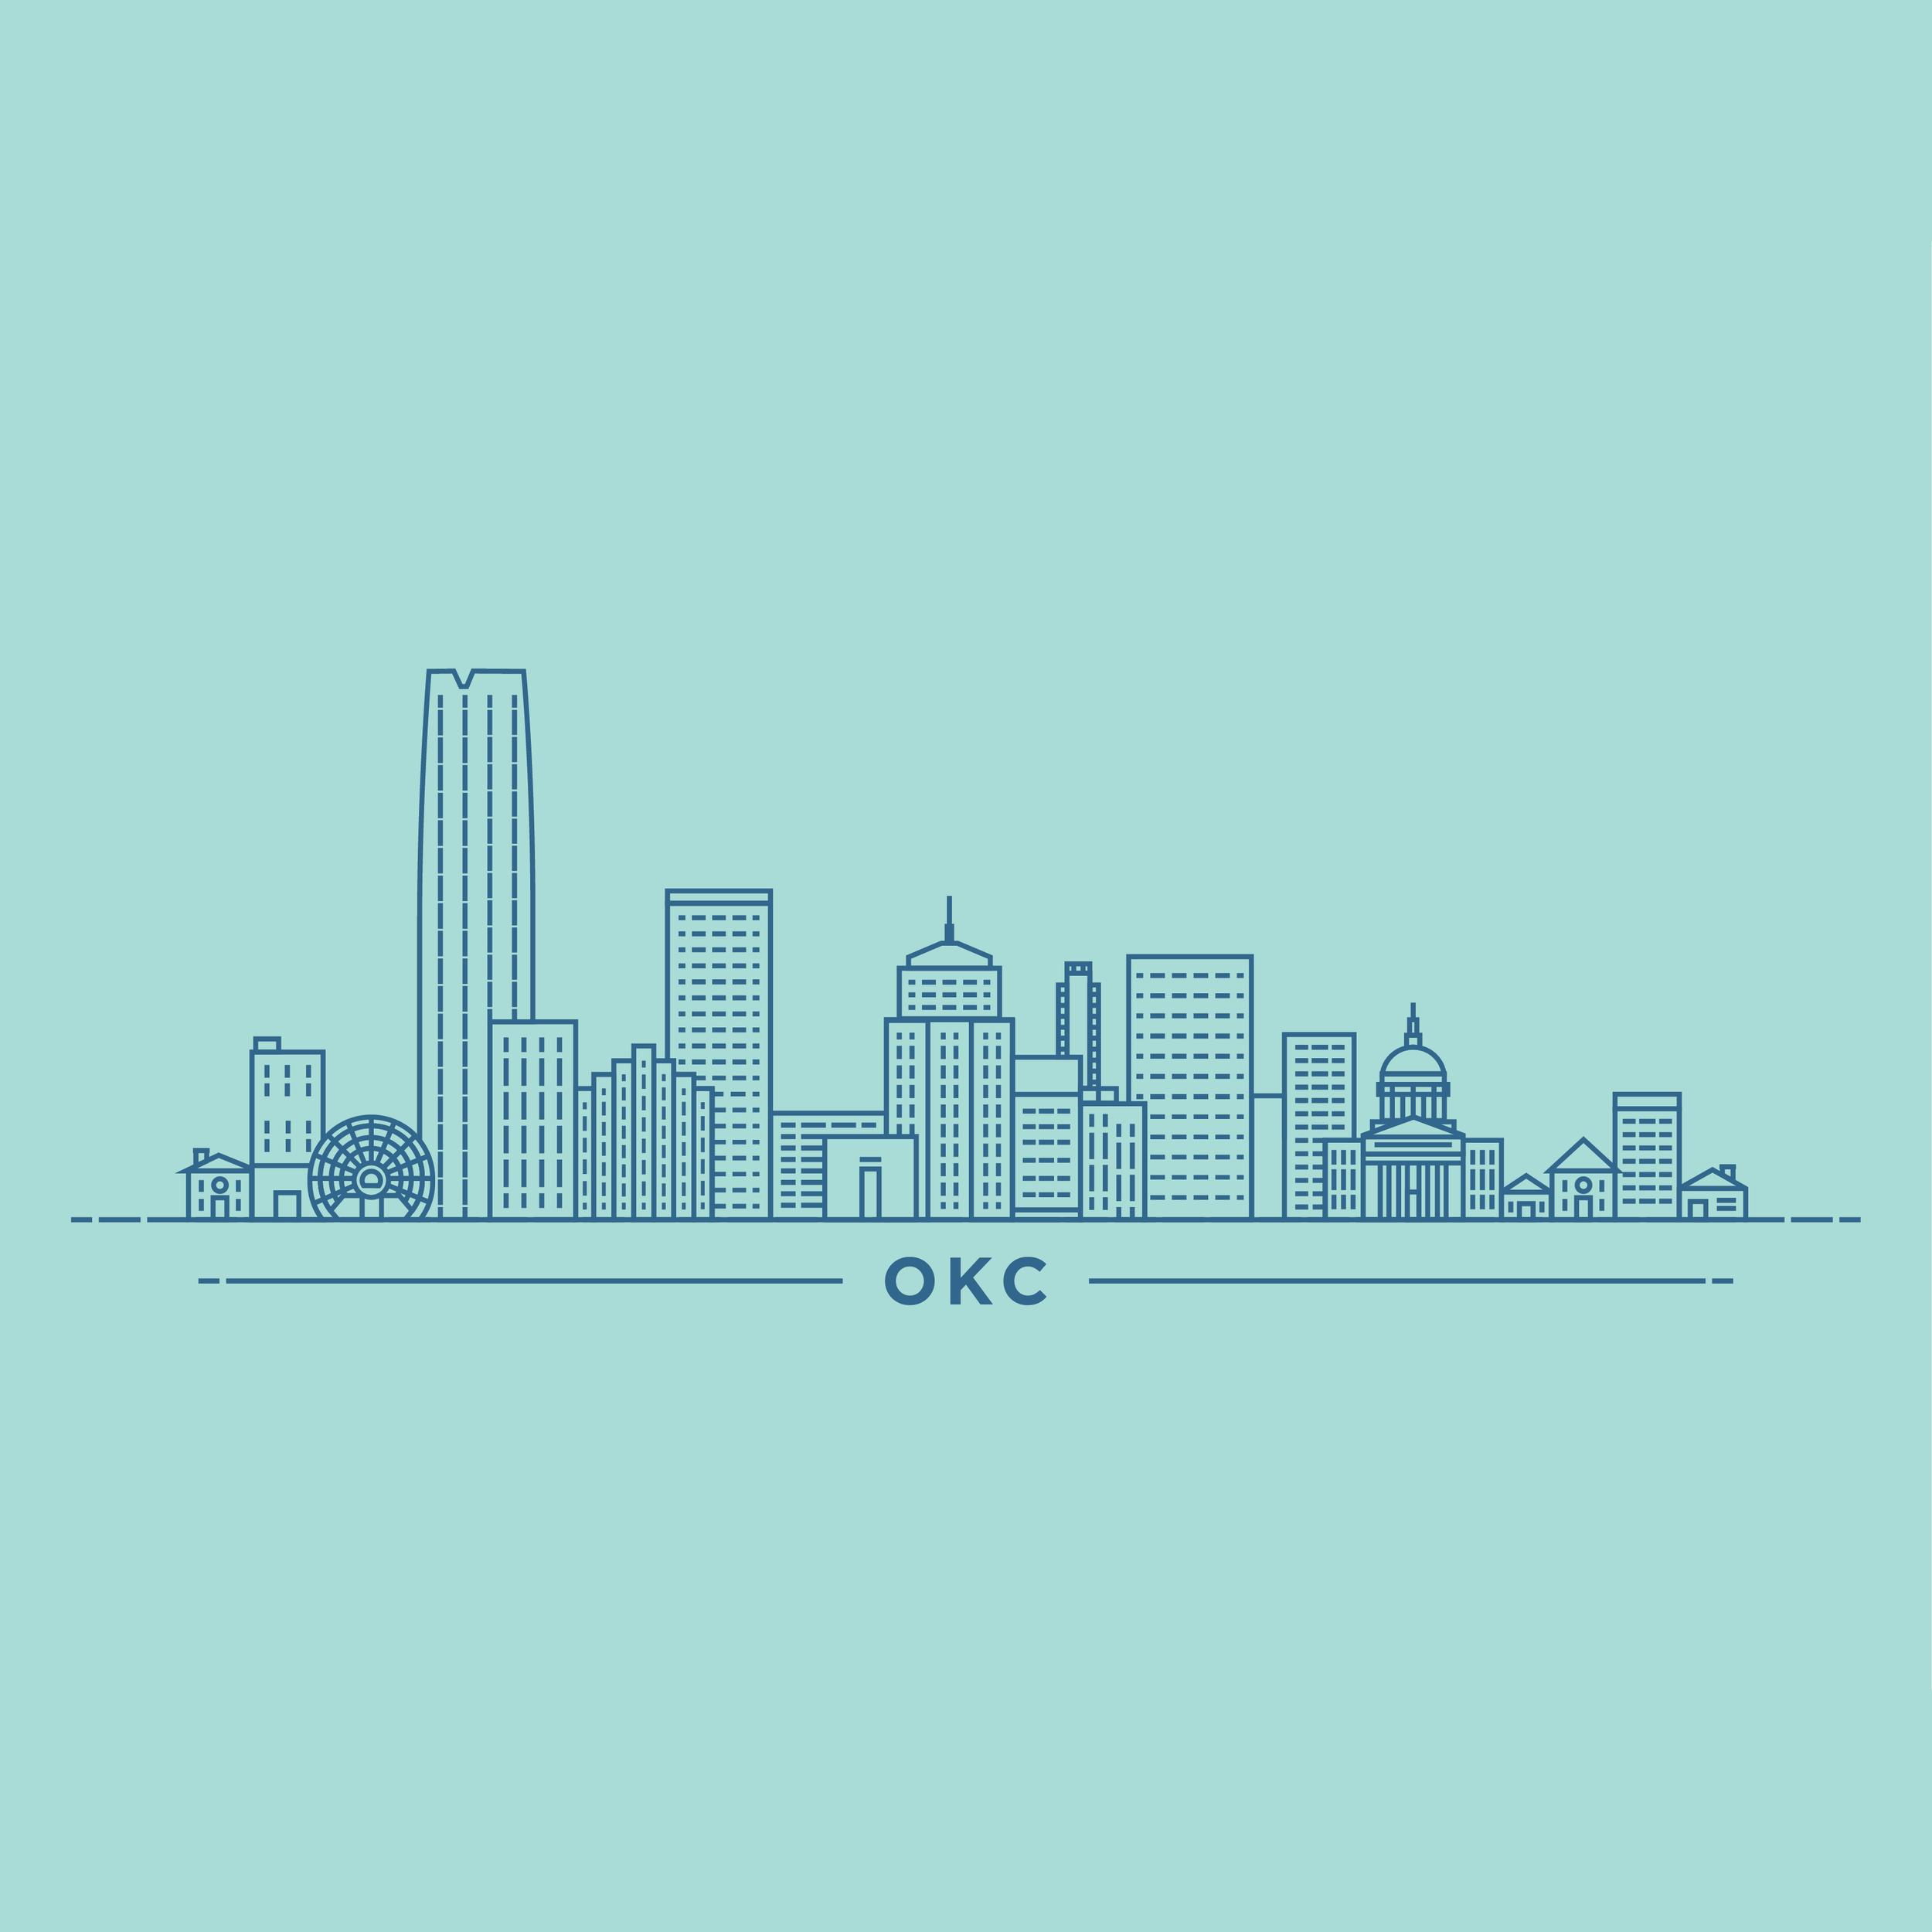 okc_skyline-01.png